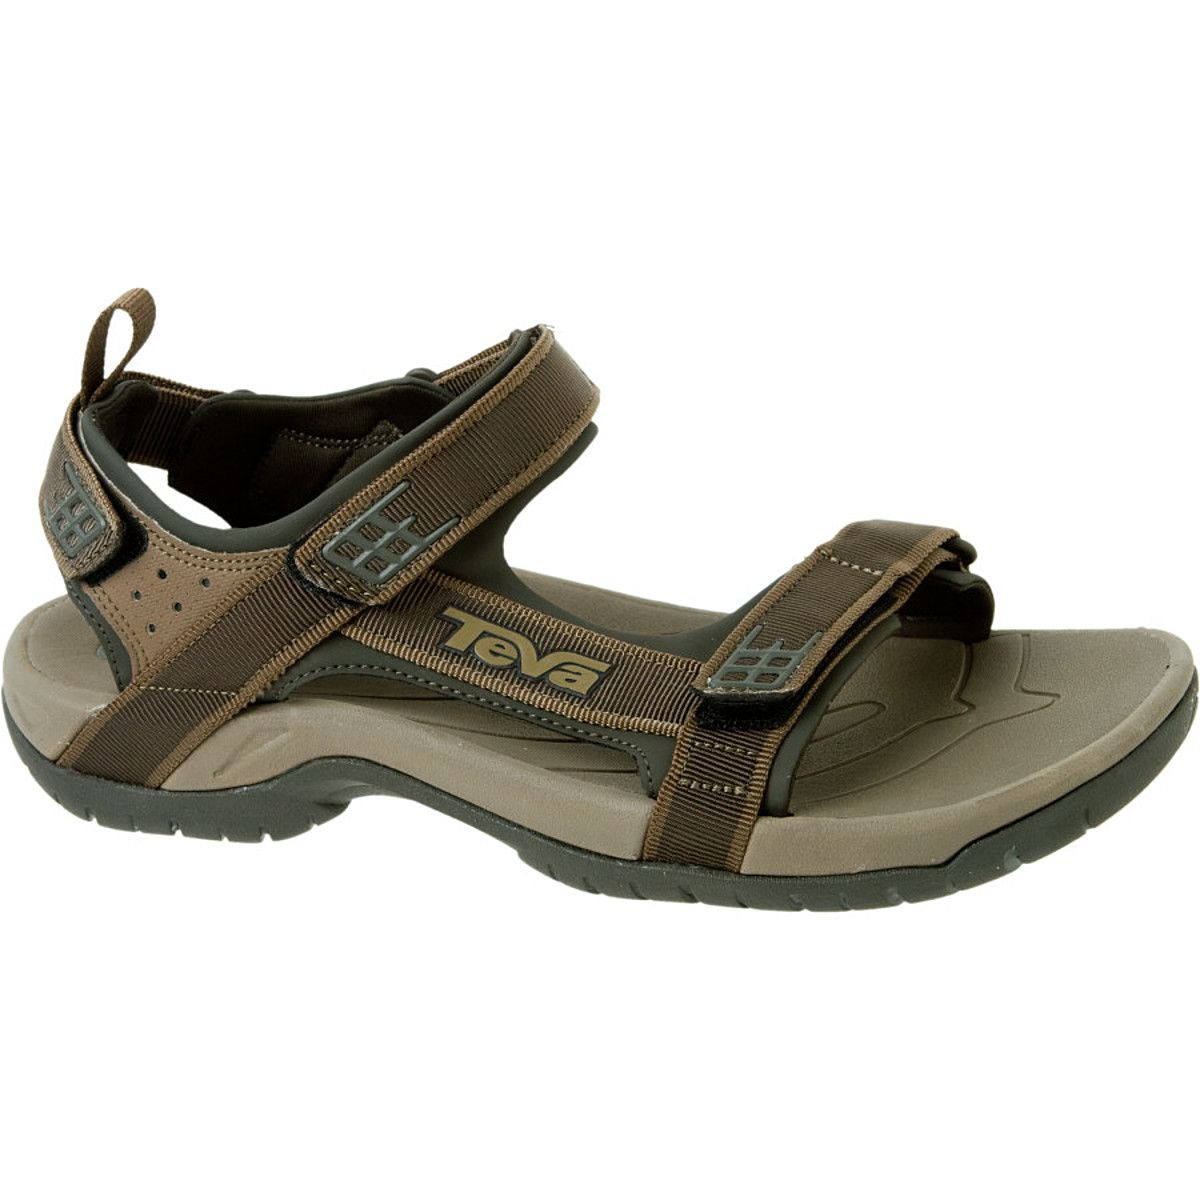 f099a927eebc5a Teva Tanza Sandal - Men s Sport Sandals